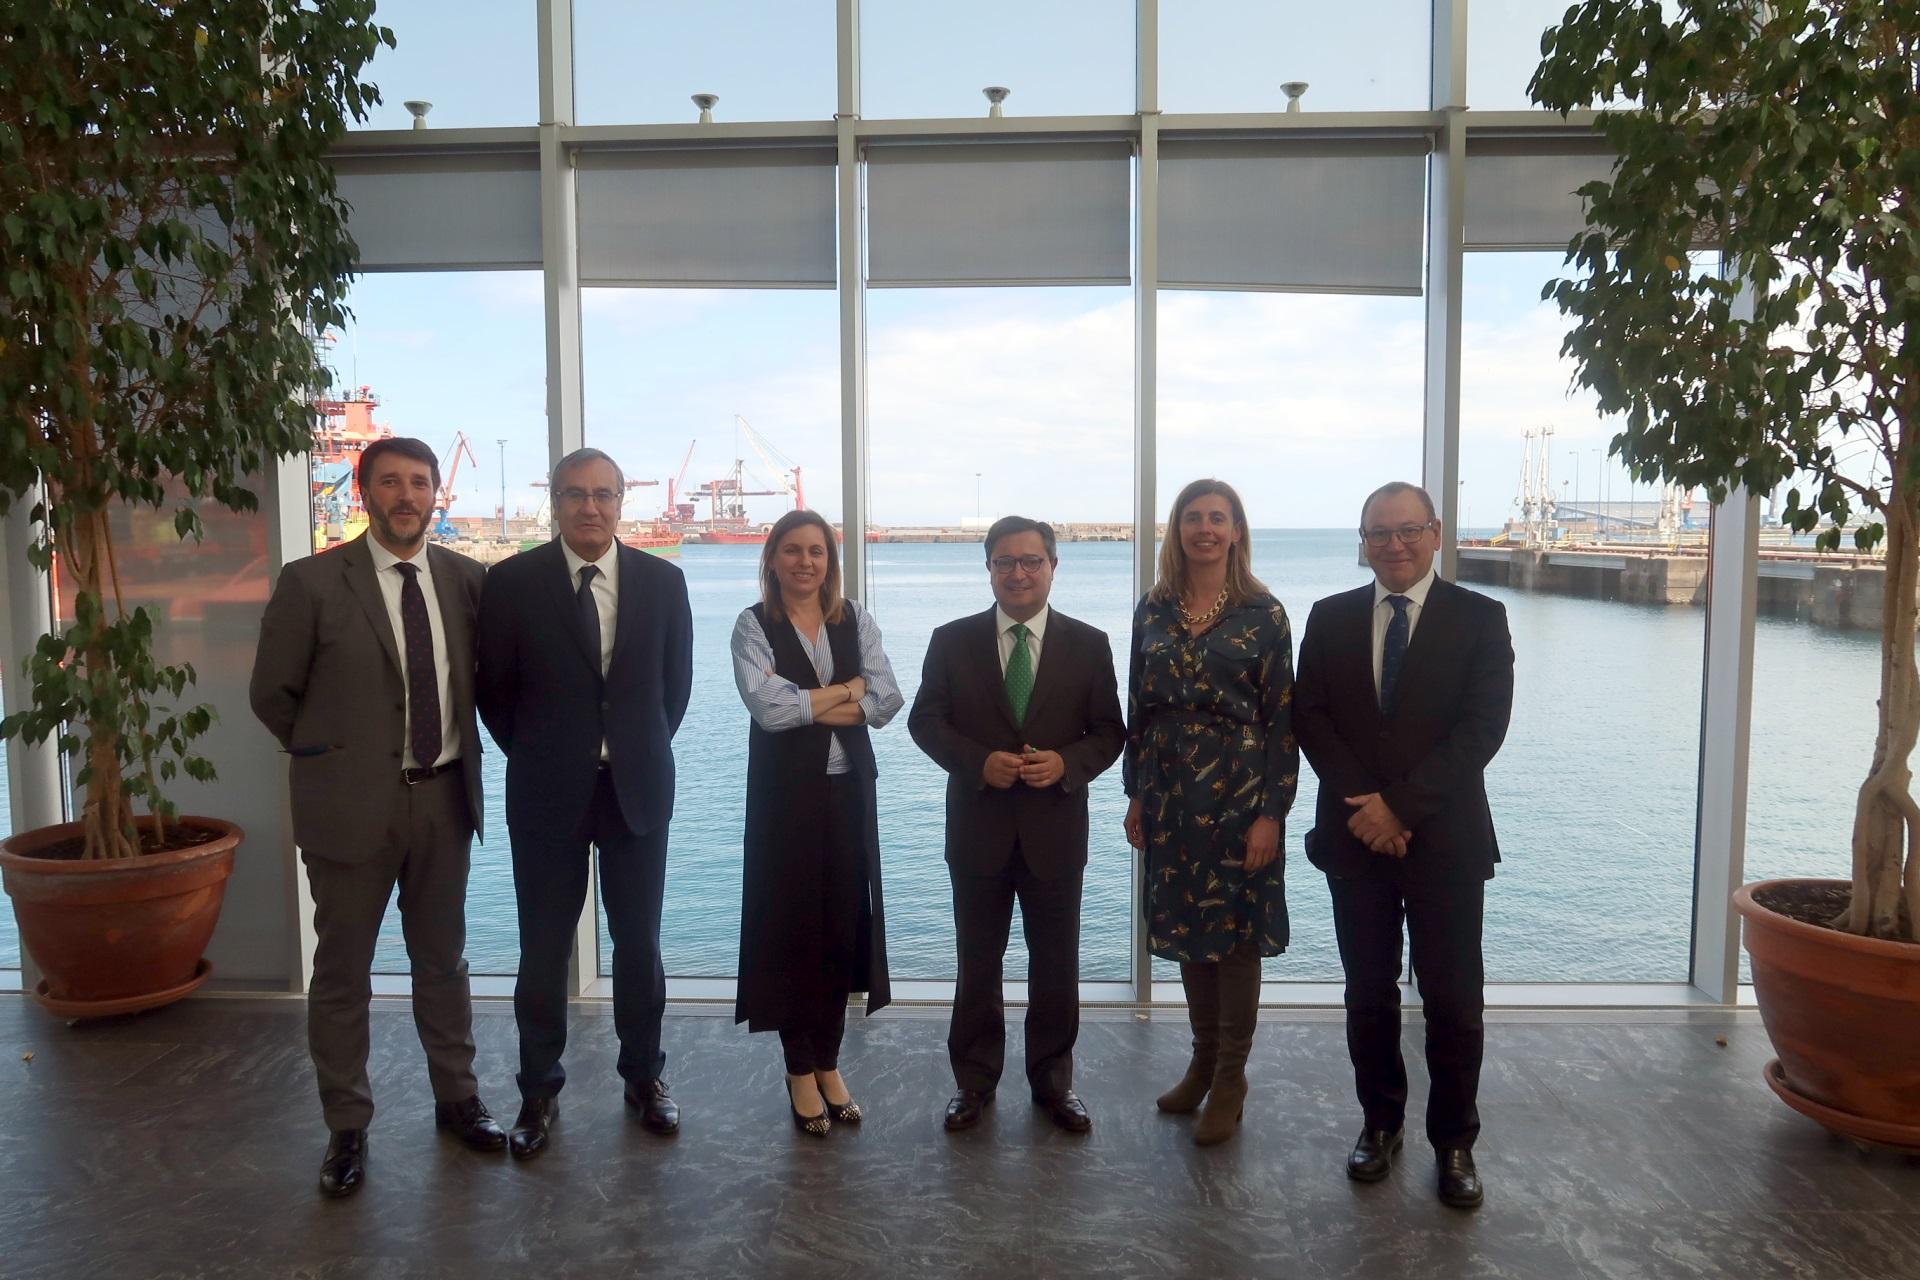 Imagen noticia:  El CEEI Asturias y el IDEPA colaboran con los puertos de Gijón y Avilés en impulsar proyectos 4.0